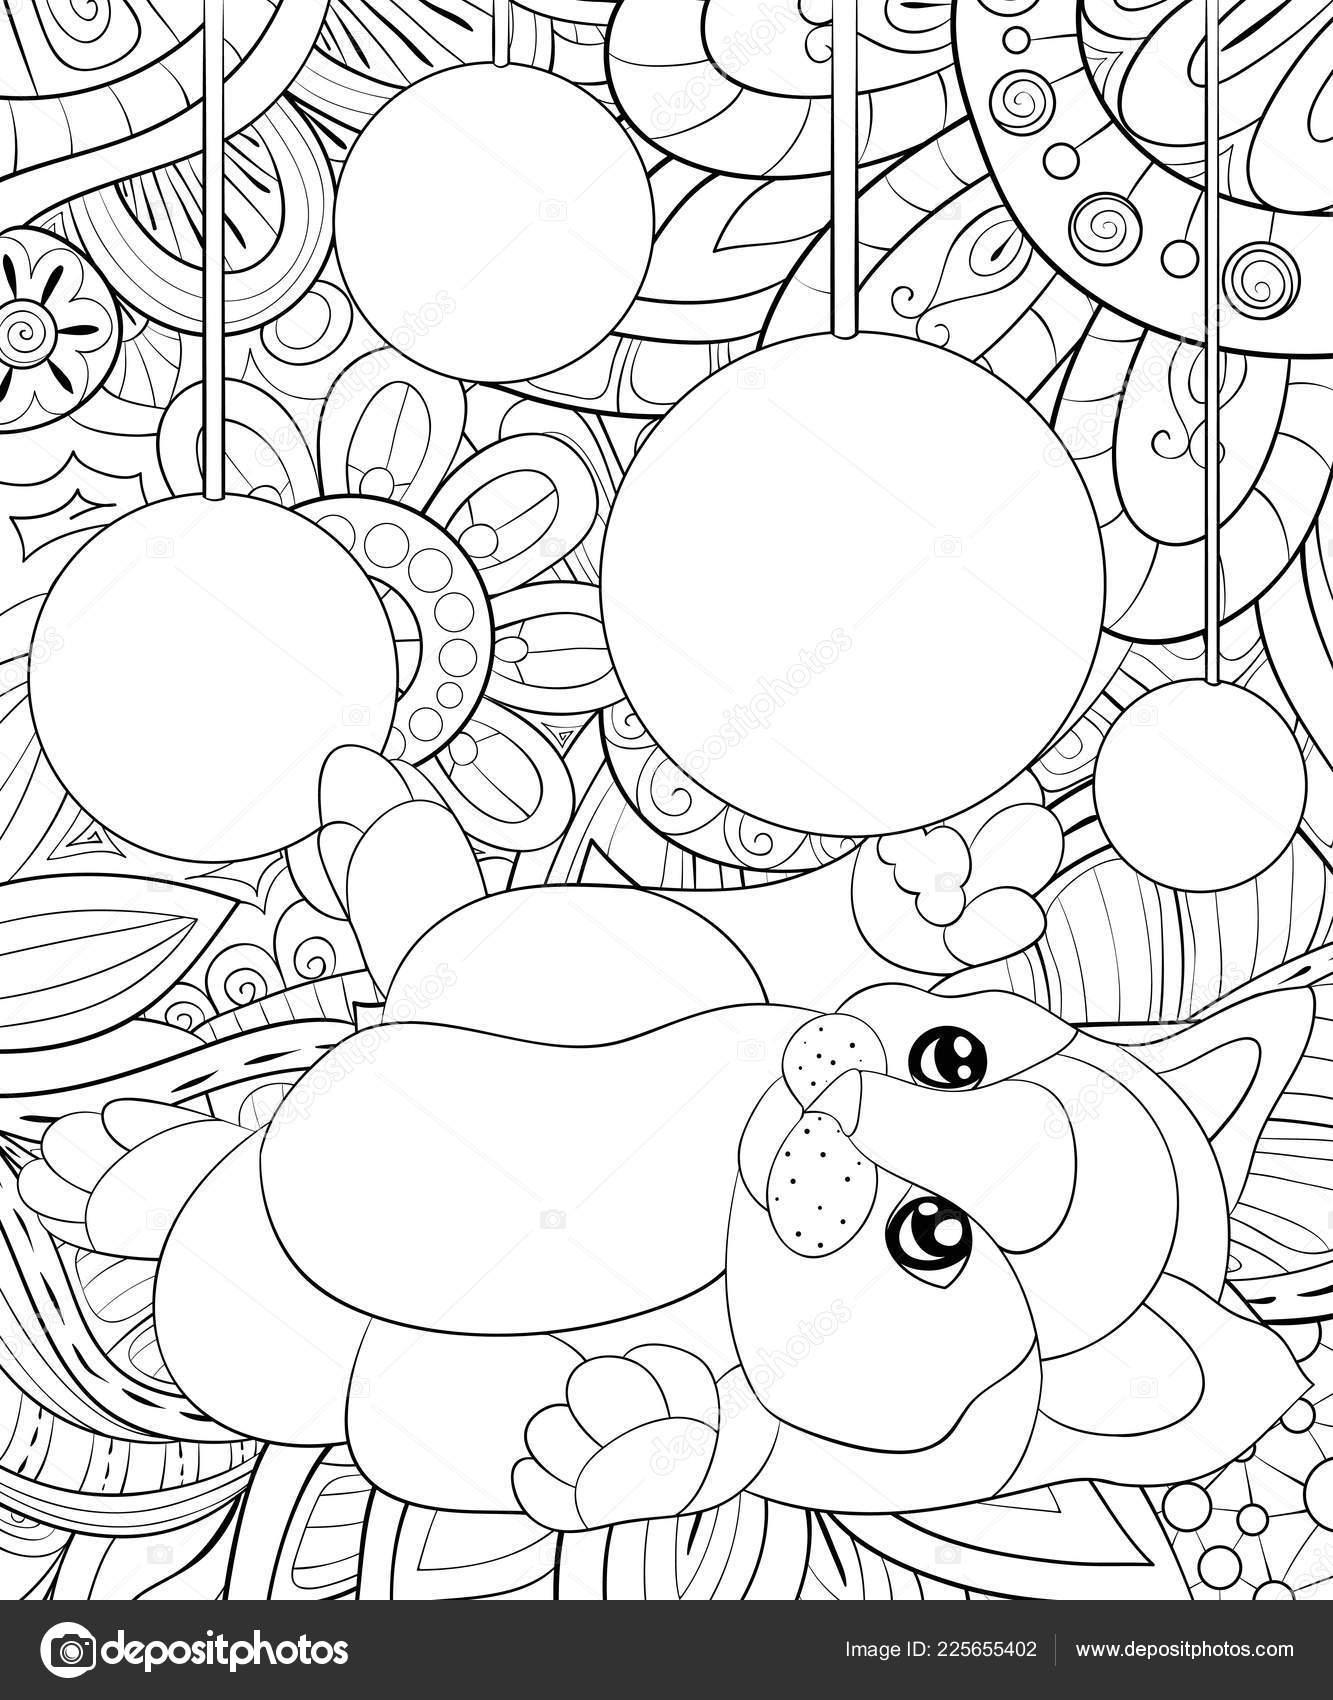 Coloriage Adulte Chat.Livre Coloriage Adulte Page Joli Petit Chat Avec Noel Decoration